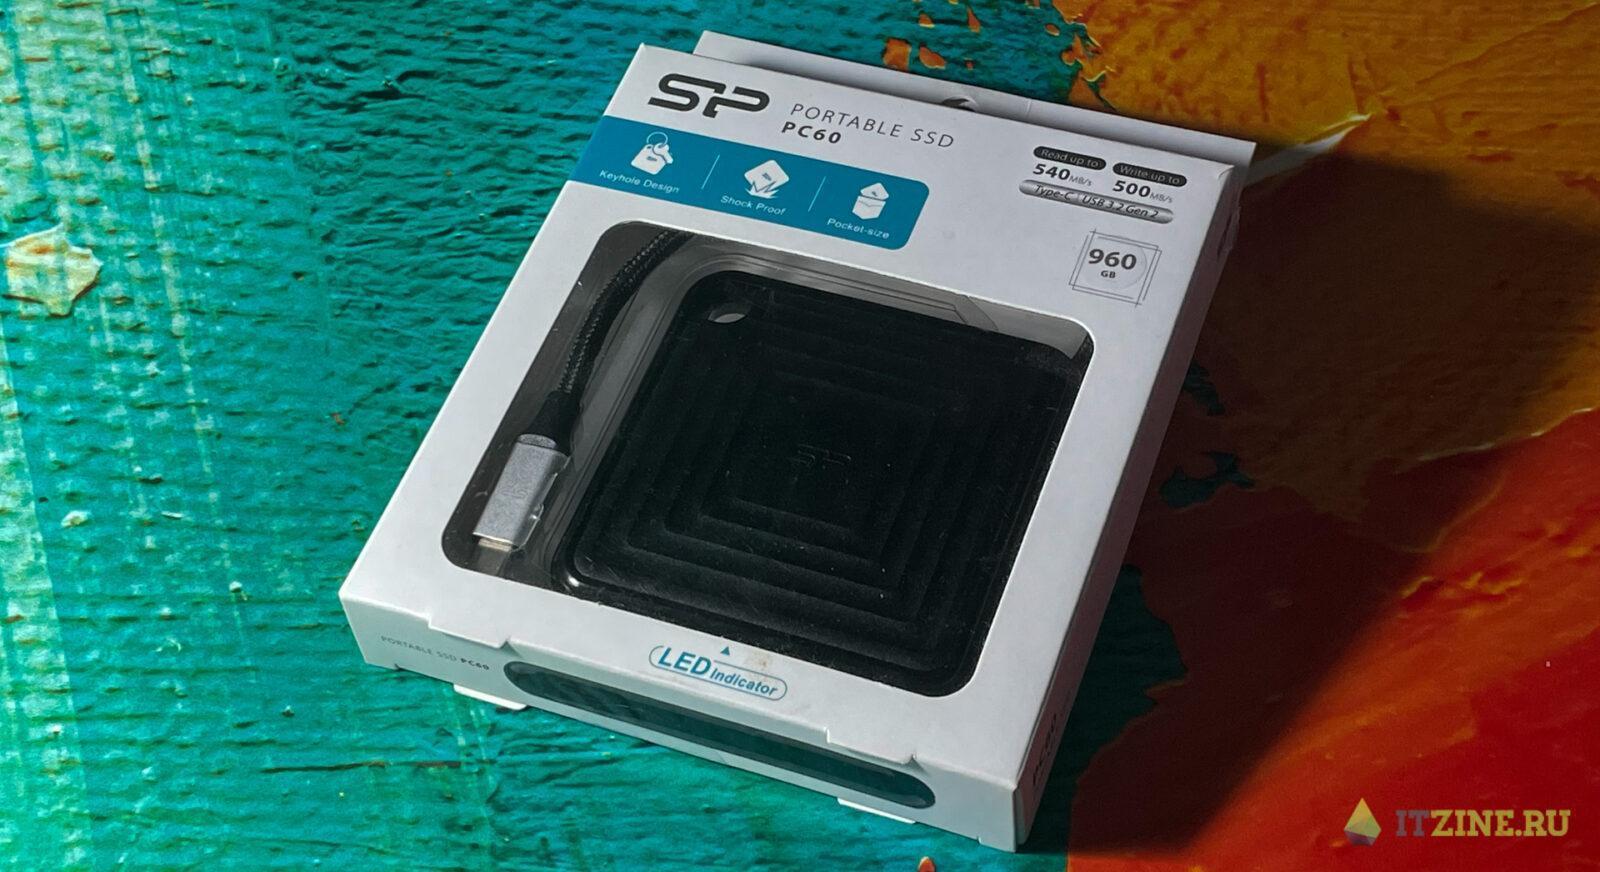 Обзор недорогого внешнего SSD-накопителя Silicon Power PC60 (pc60 02)